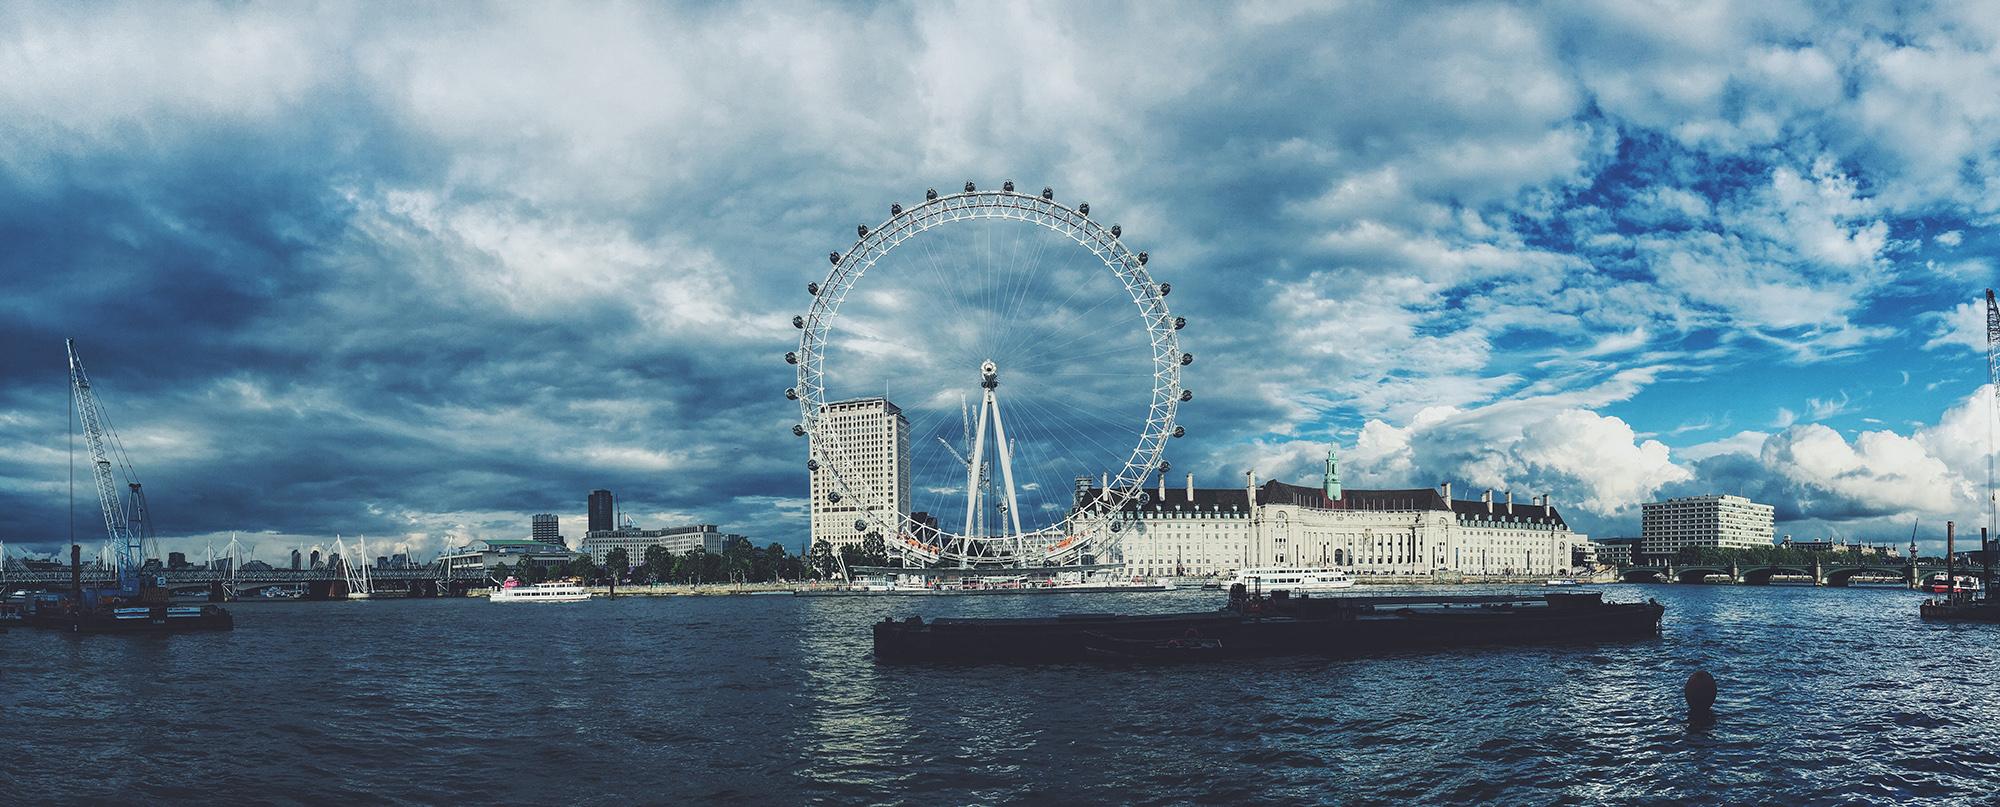 à¸à¸¥à¸à¸²à¸£à¸à¹à¸à¸«à¸²à¸£à¸¹à¸à¸à¸²à¸à¸ªà¸³à¸«à¸£à¸±à¸ london unsplash